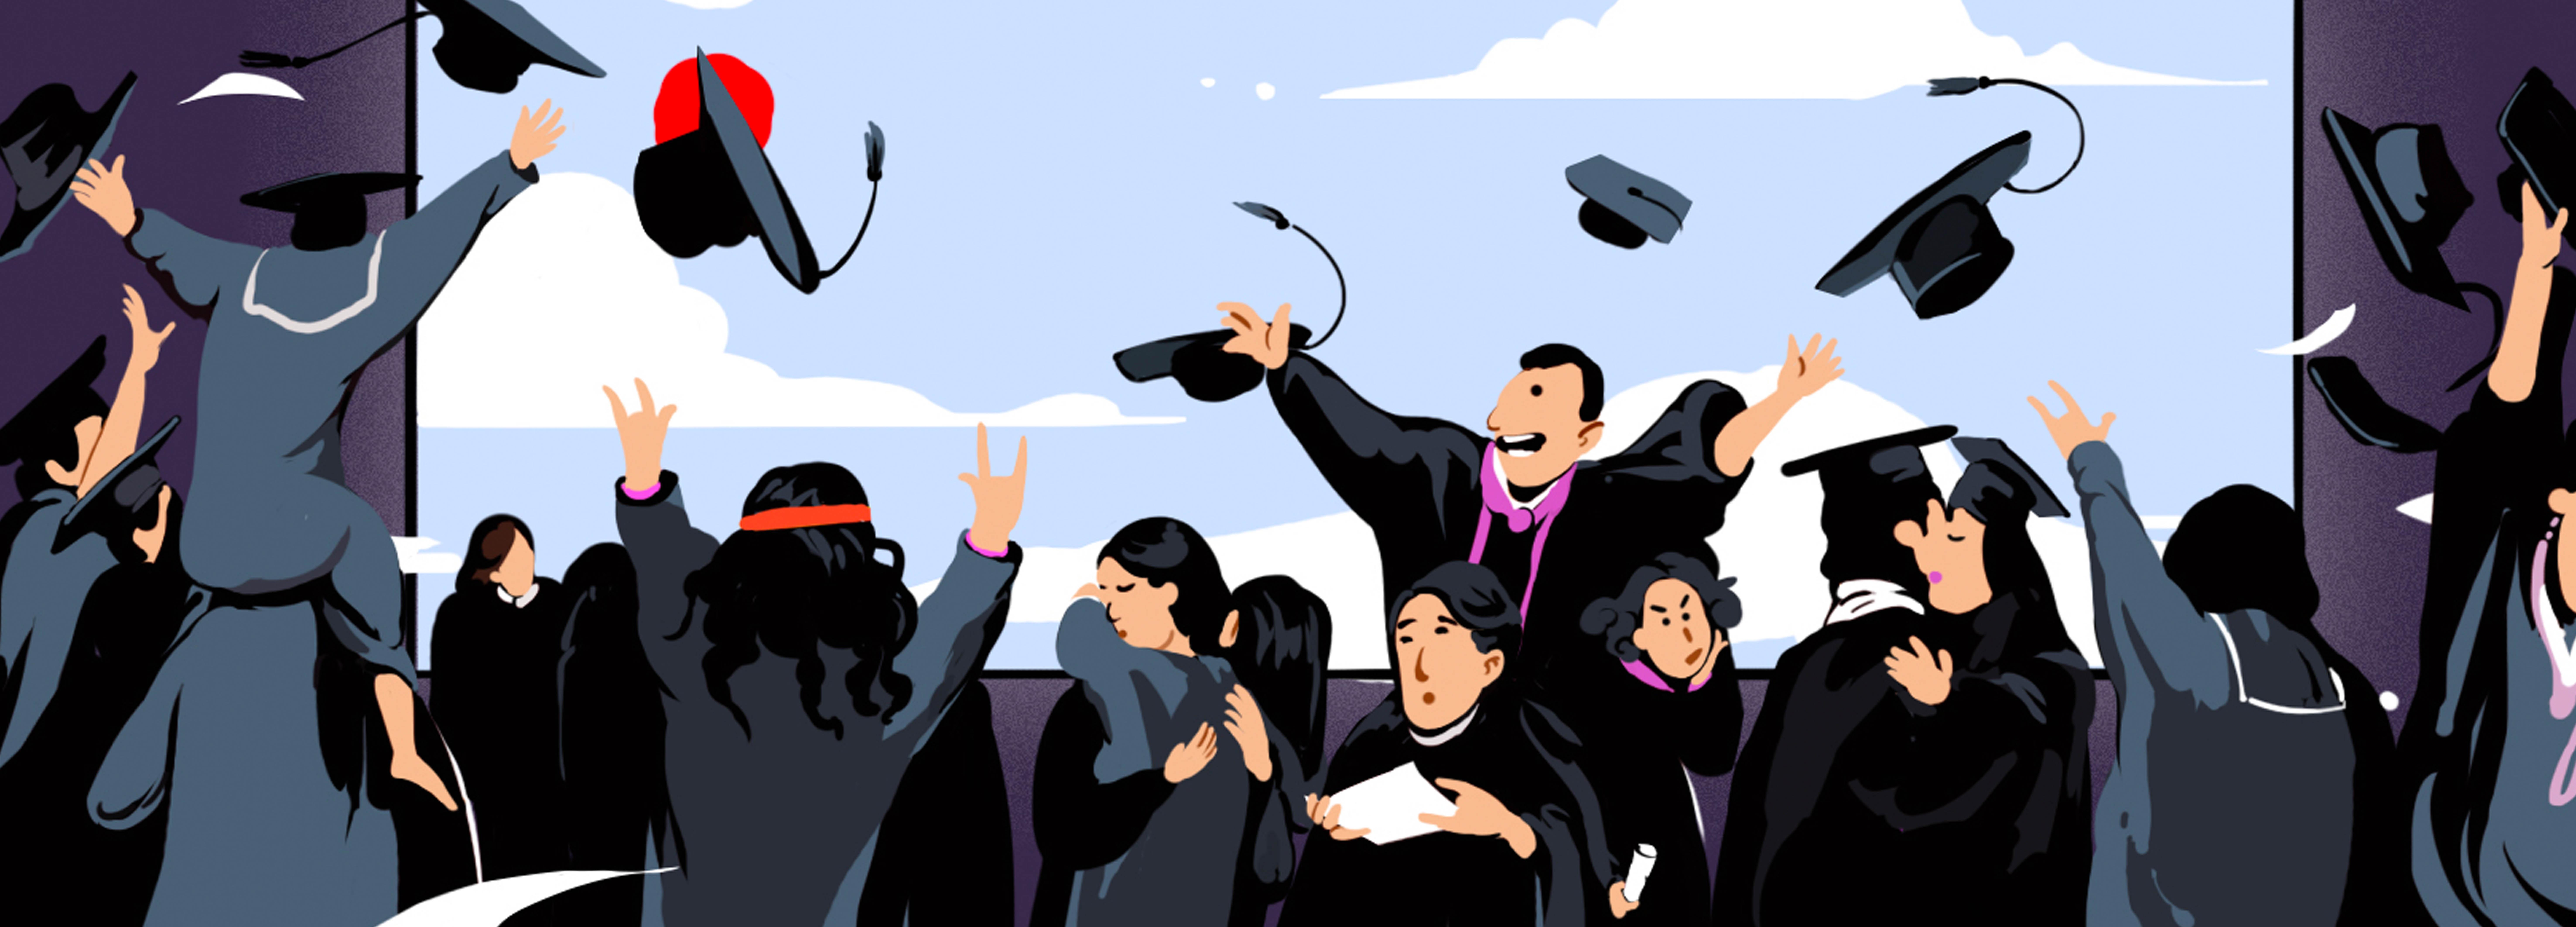 来临:在我们毕业那一年